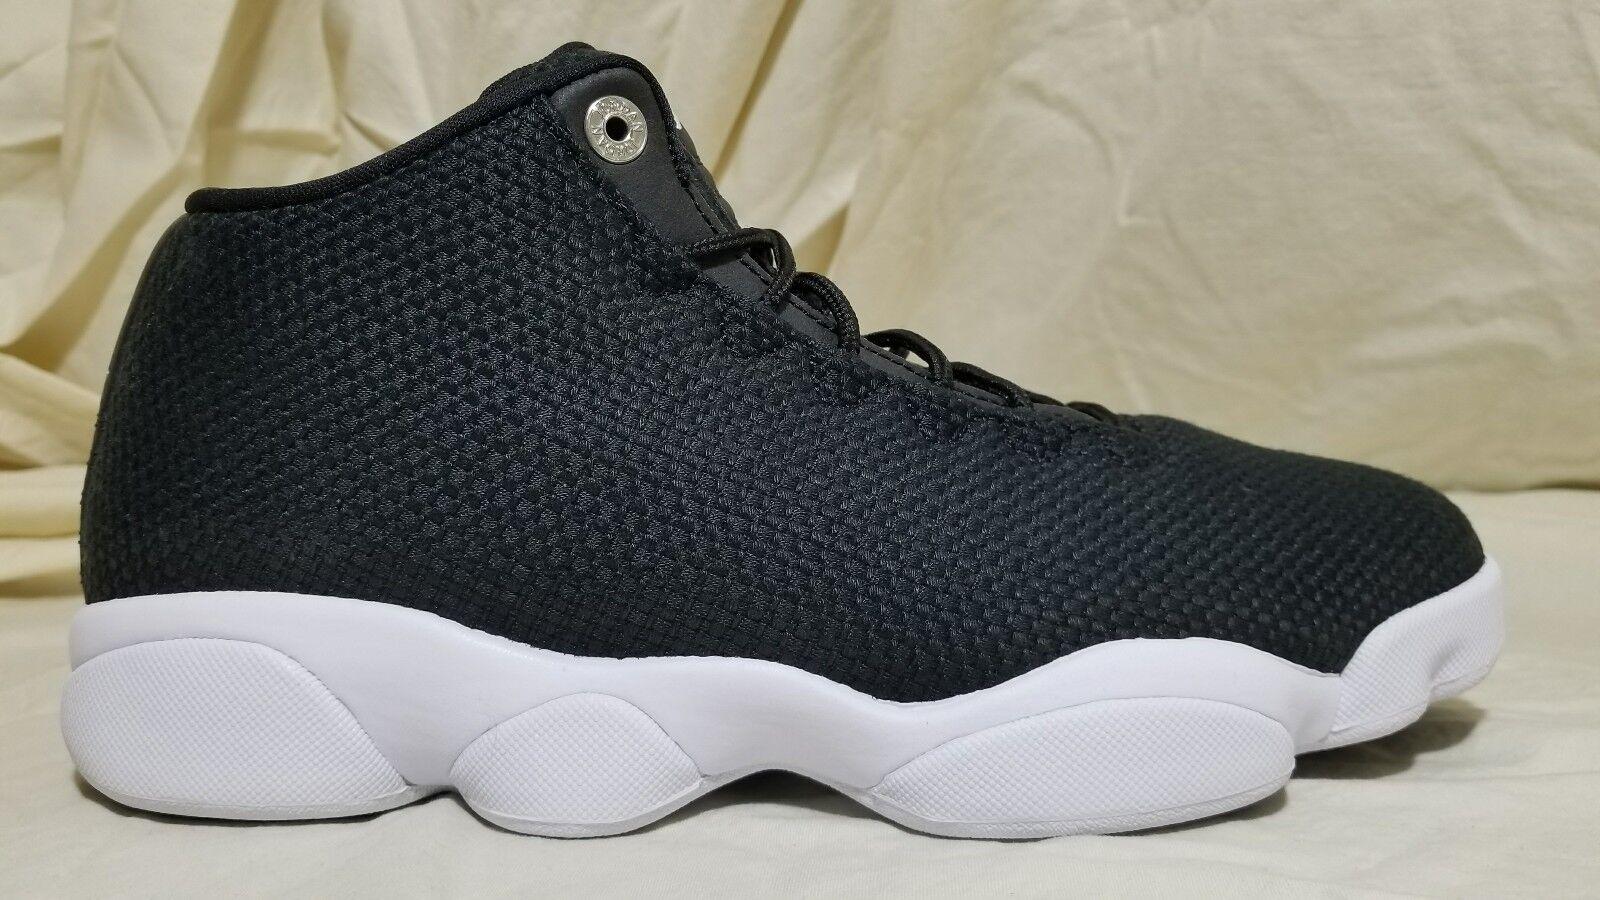 Jordan Horizon Low Size Basketball Shoes 845098-006 Men Size Low 9 Black White ecb325